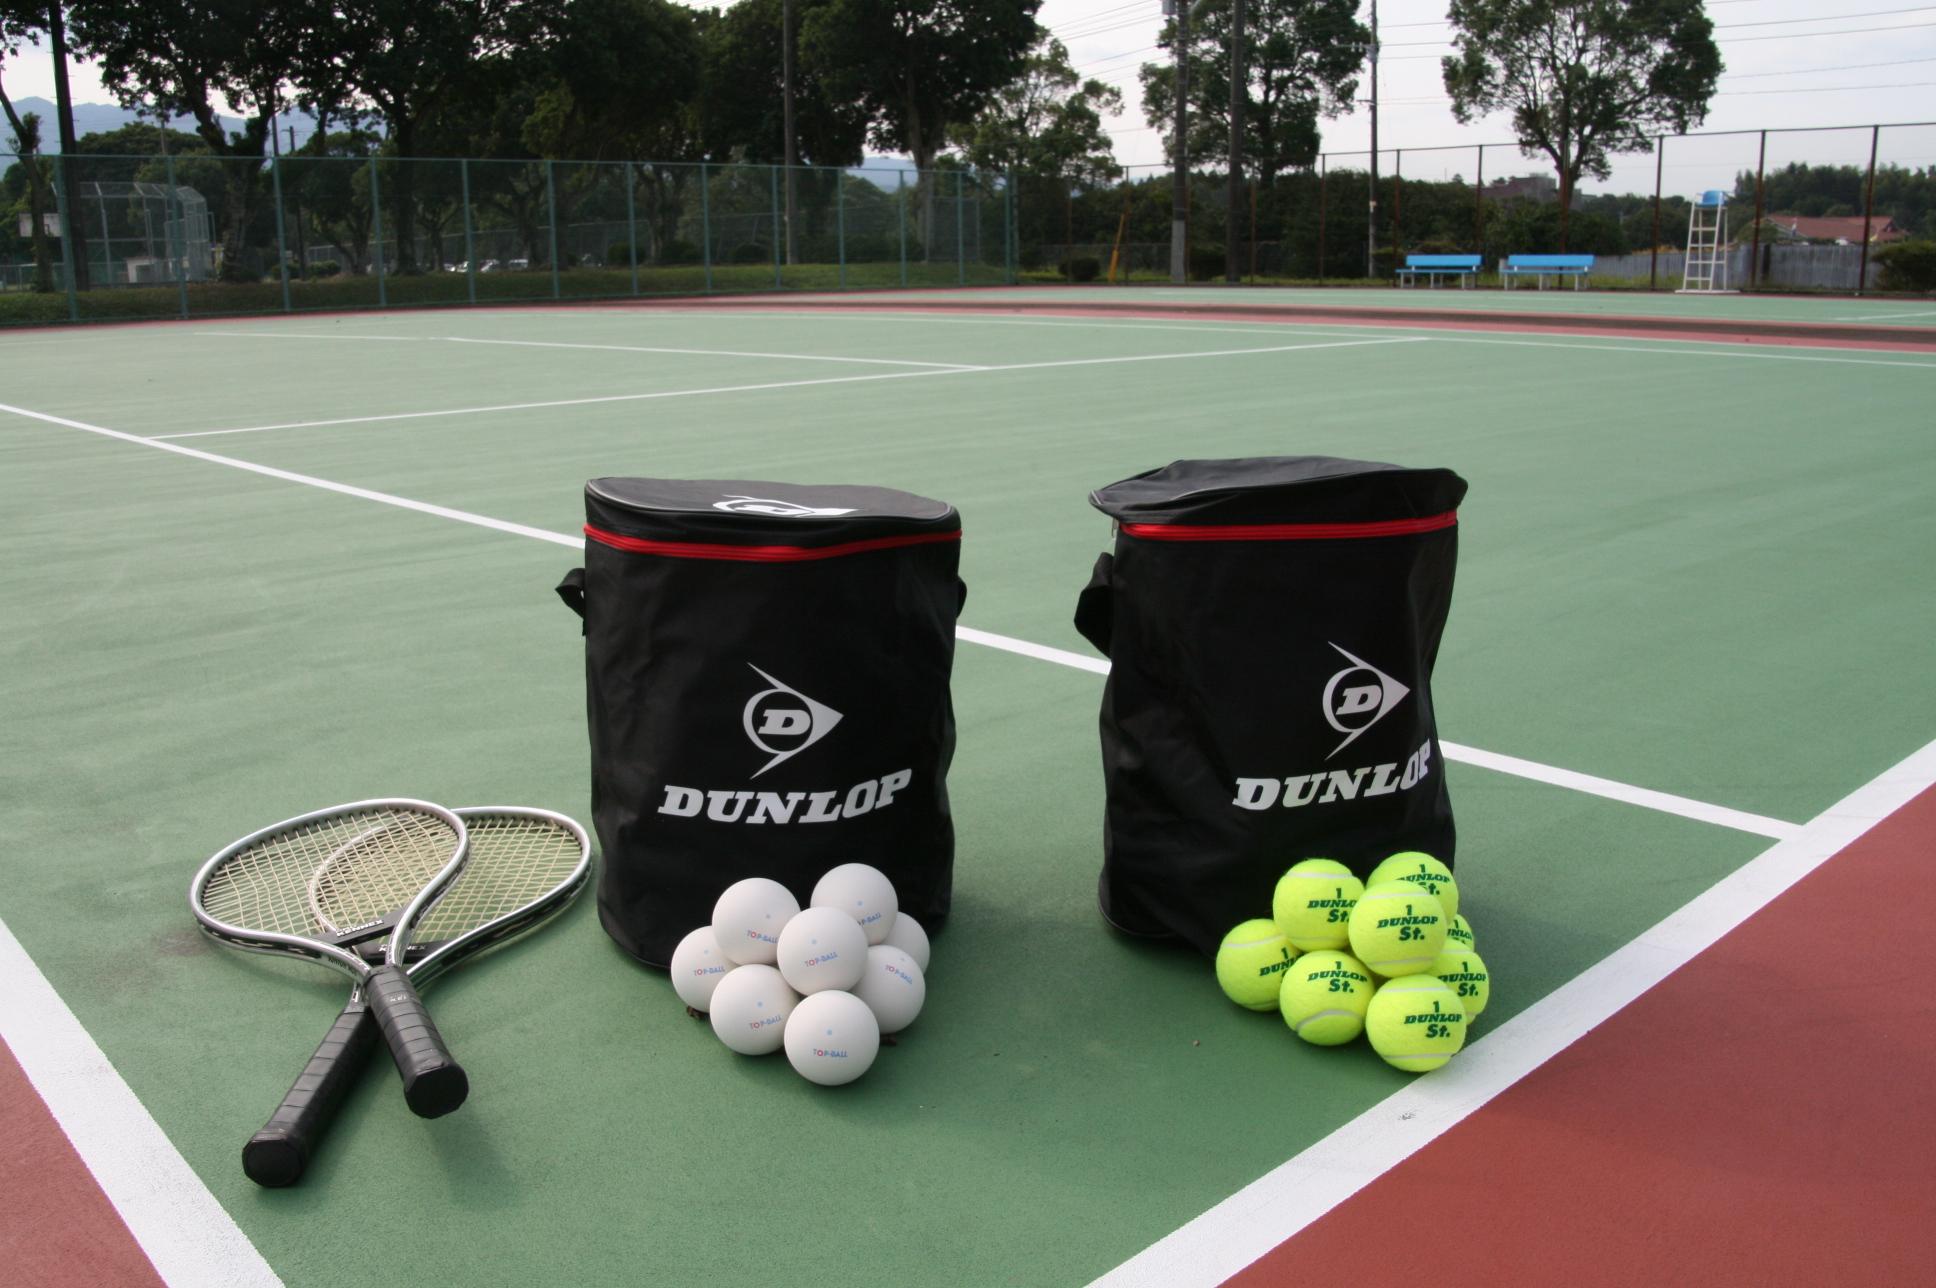 軟式テニスと硬式テニスの違い